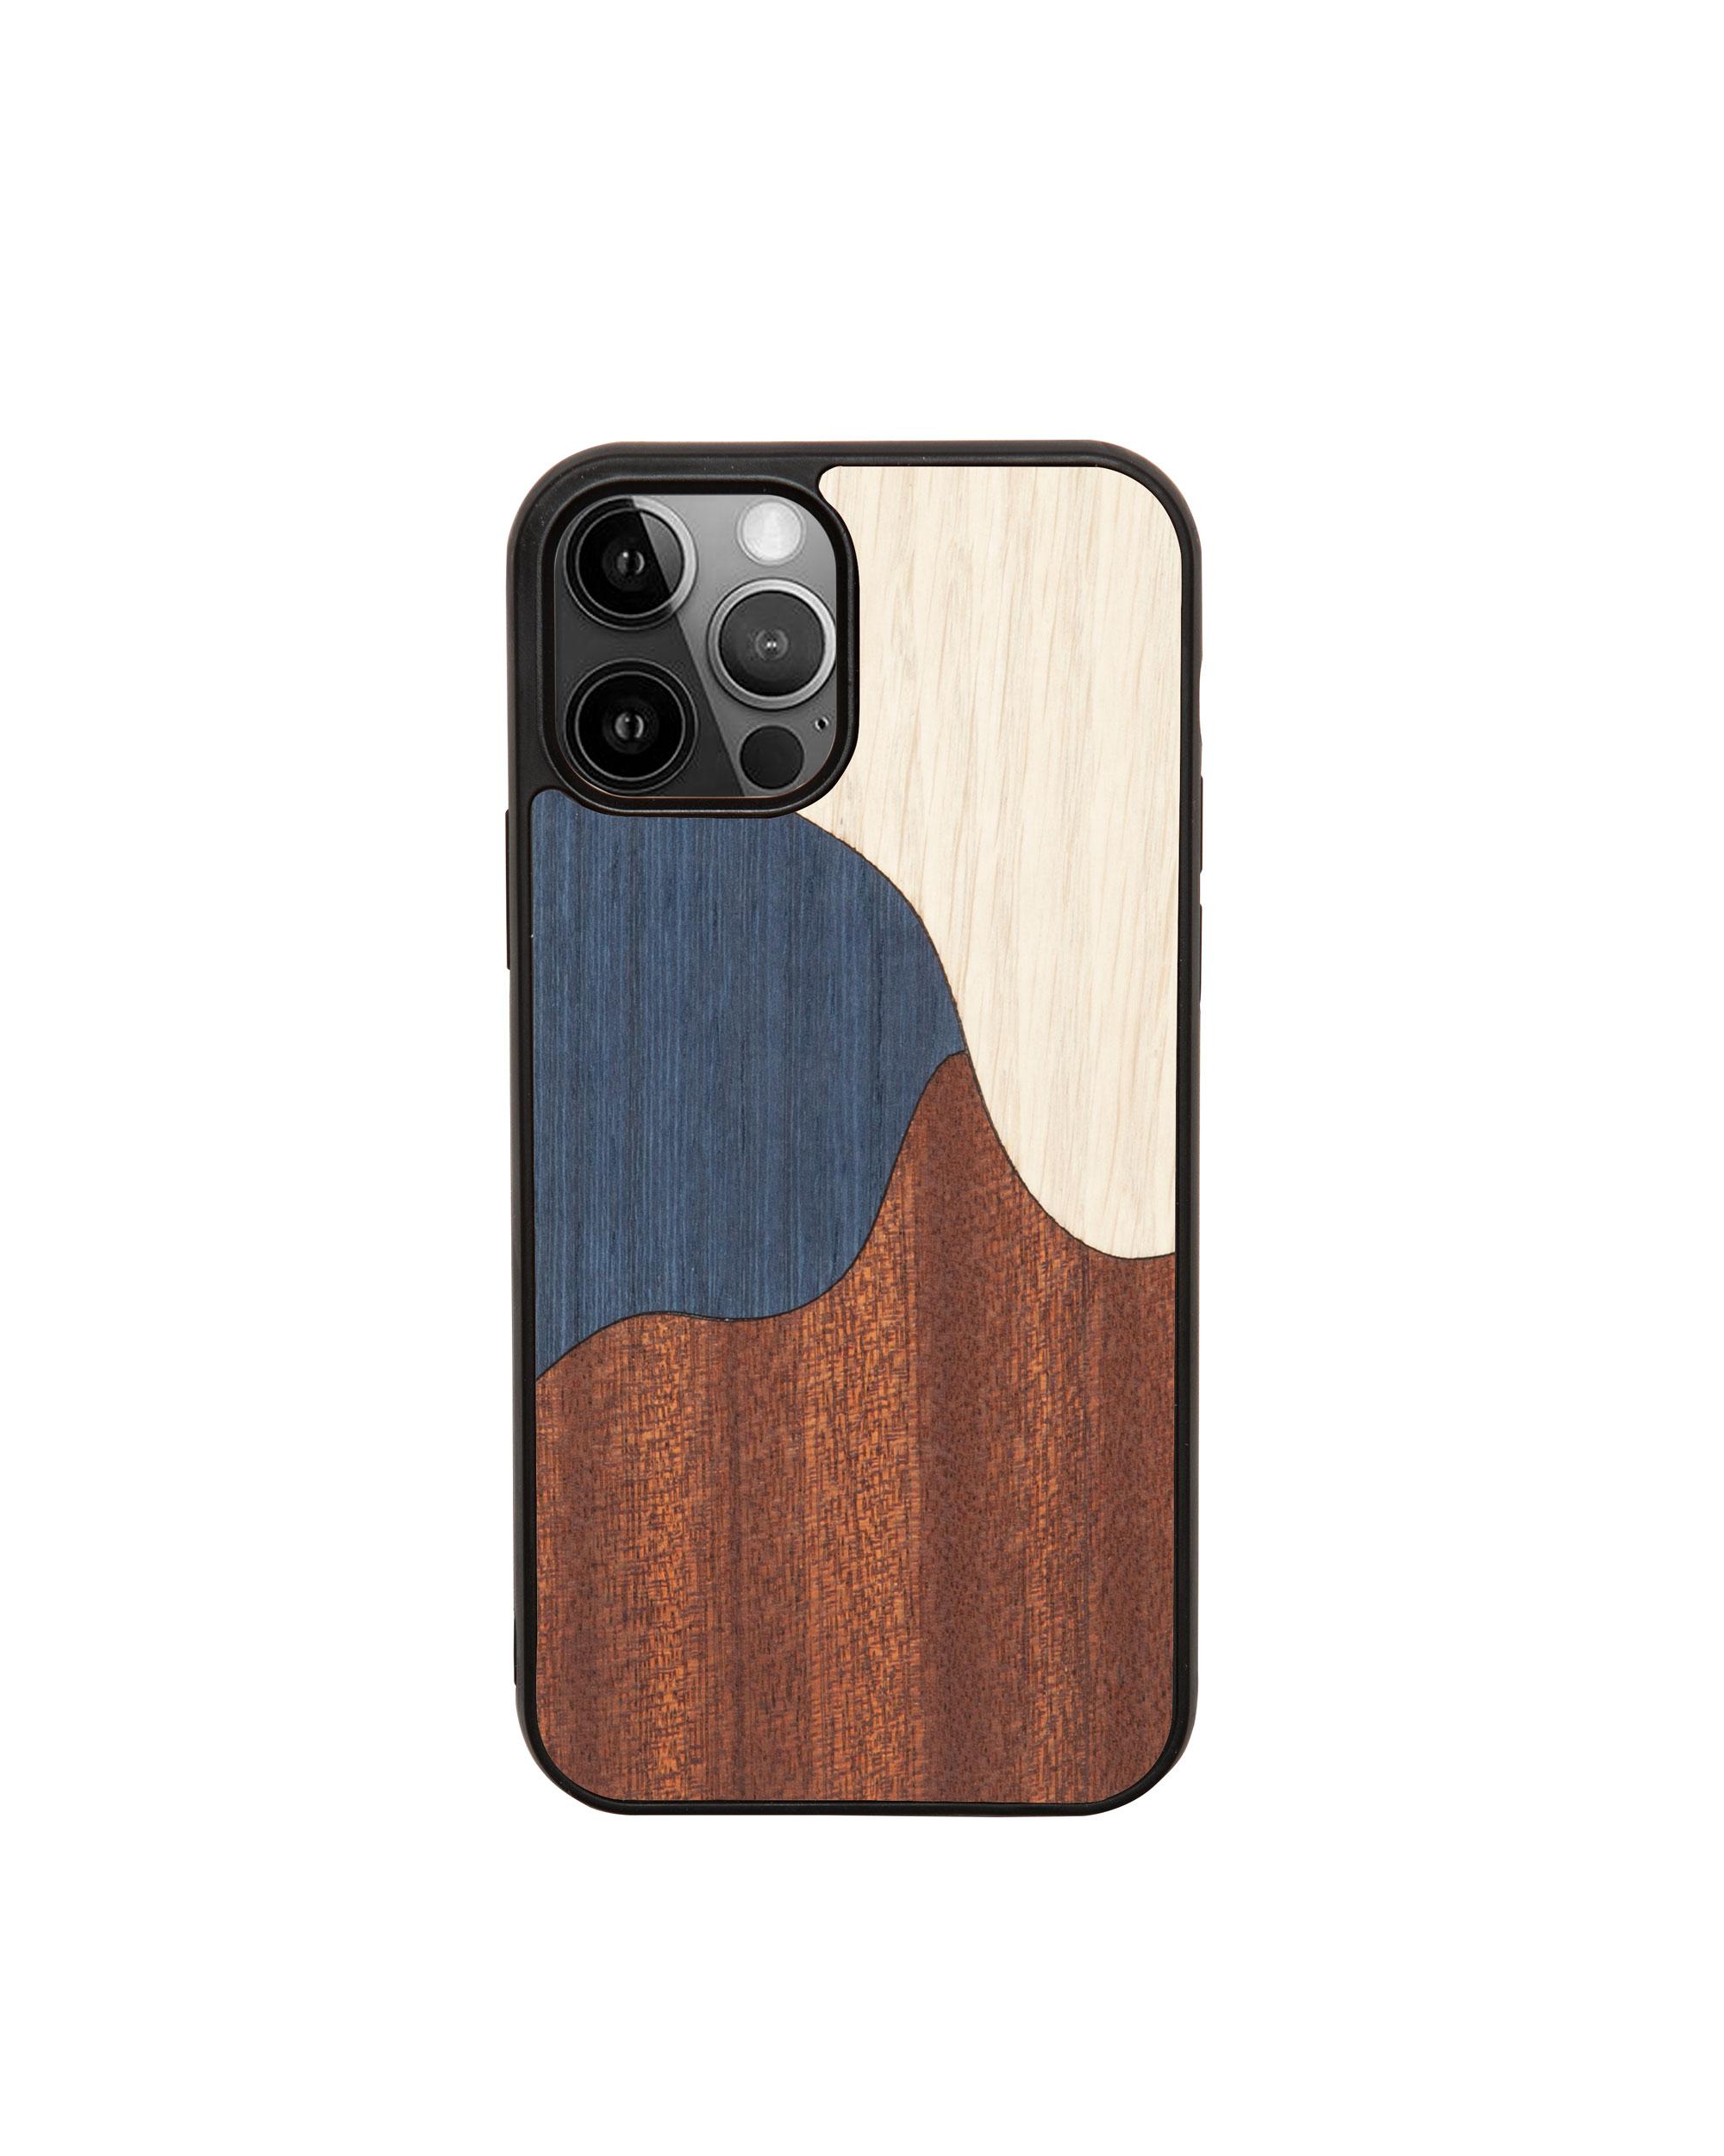 INLAY BLUE - Coque en bois pour iPhone X/XS